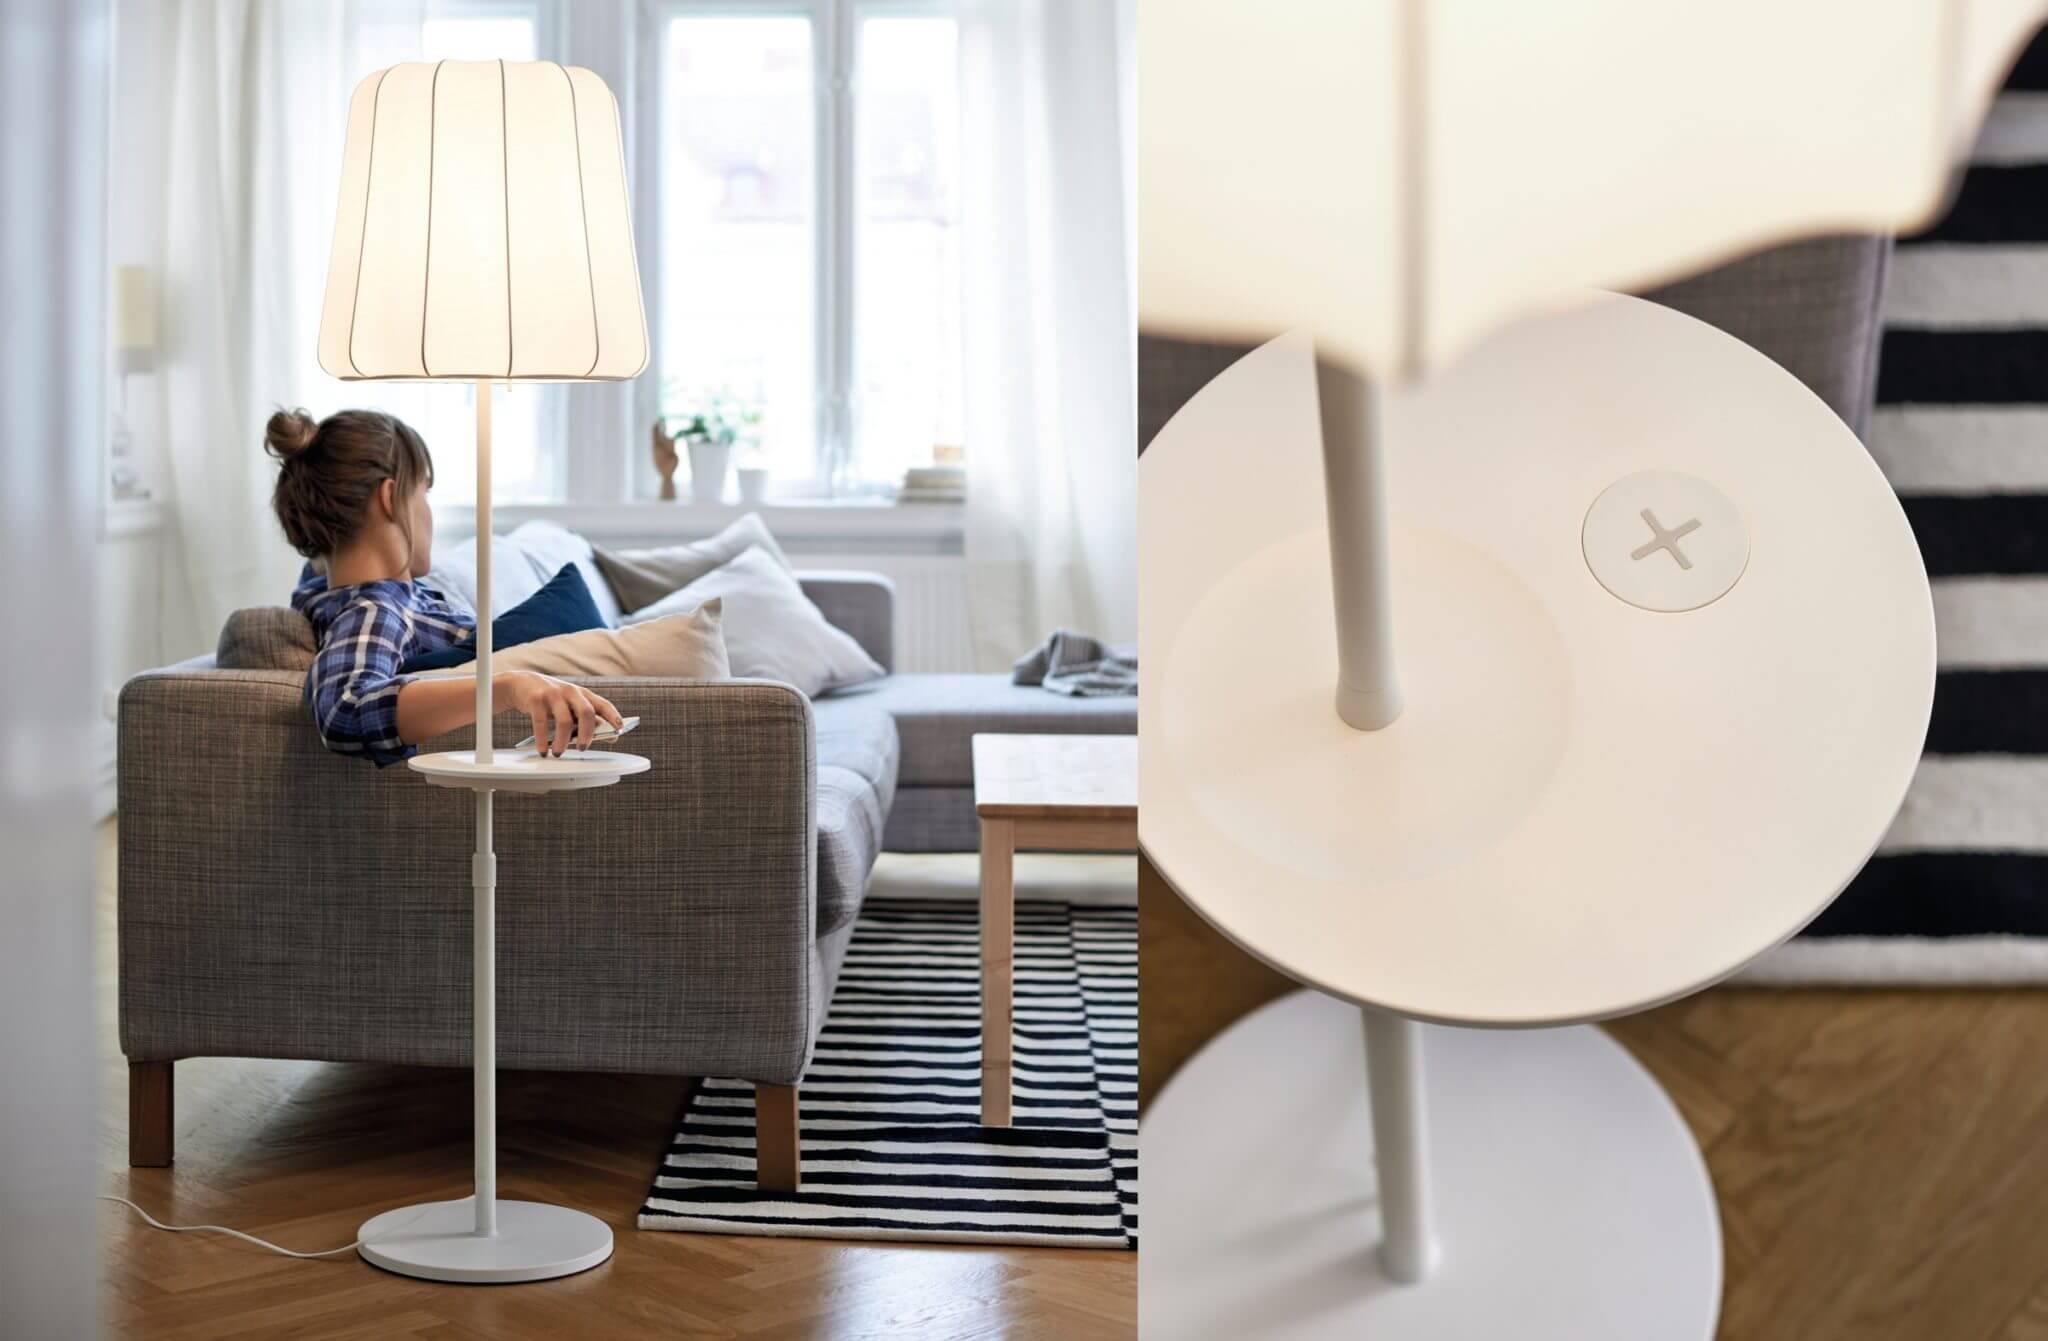 Full Size of Ikea Lampen Und Tische Mit Qi Ladegert Ab April Schlafzimmer Küche Kosten Badezimmer Sofa Schlaffunktion Modulküche Kaufen Wohnzimmer Deckenlampen Miniküche Wohnzimmer Ikea Lampen